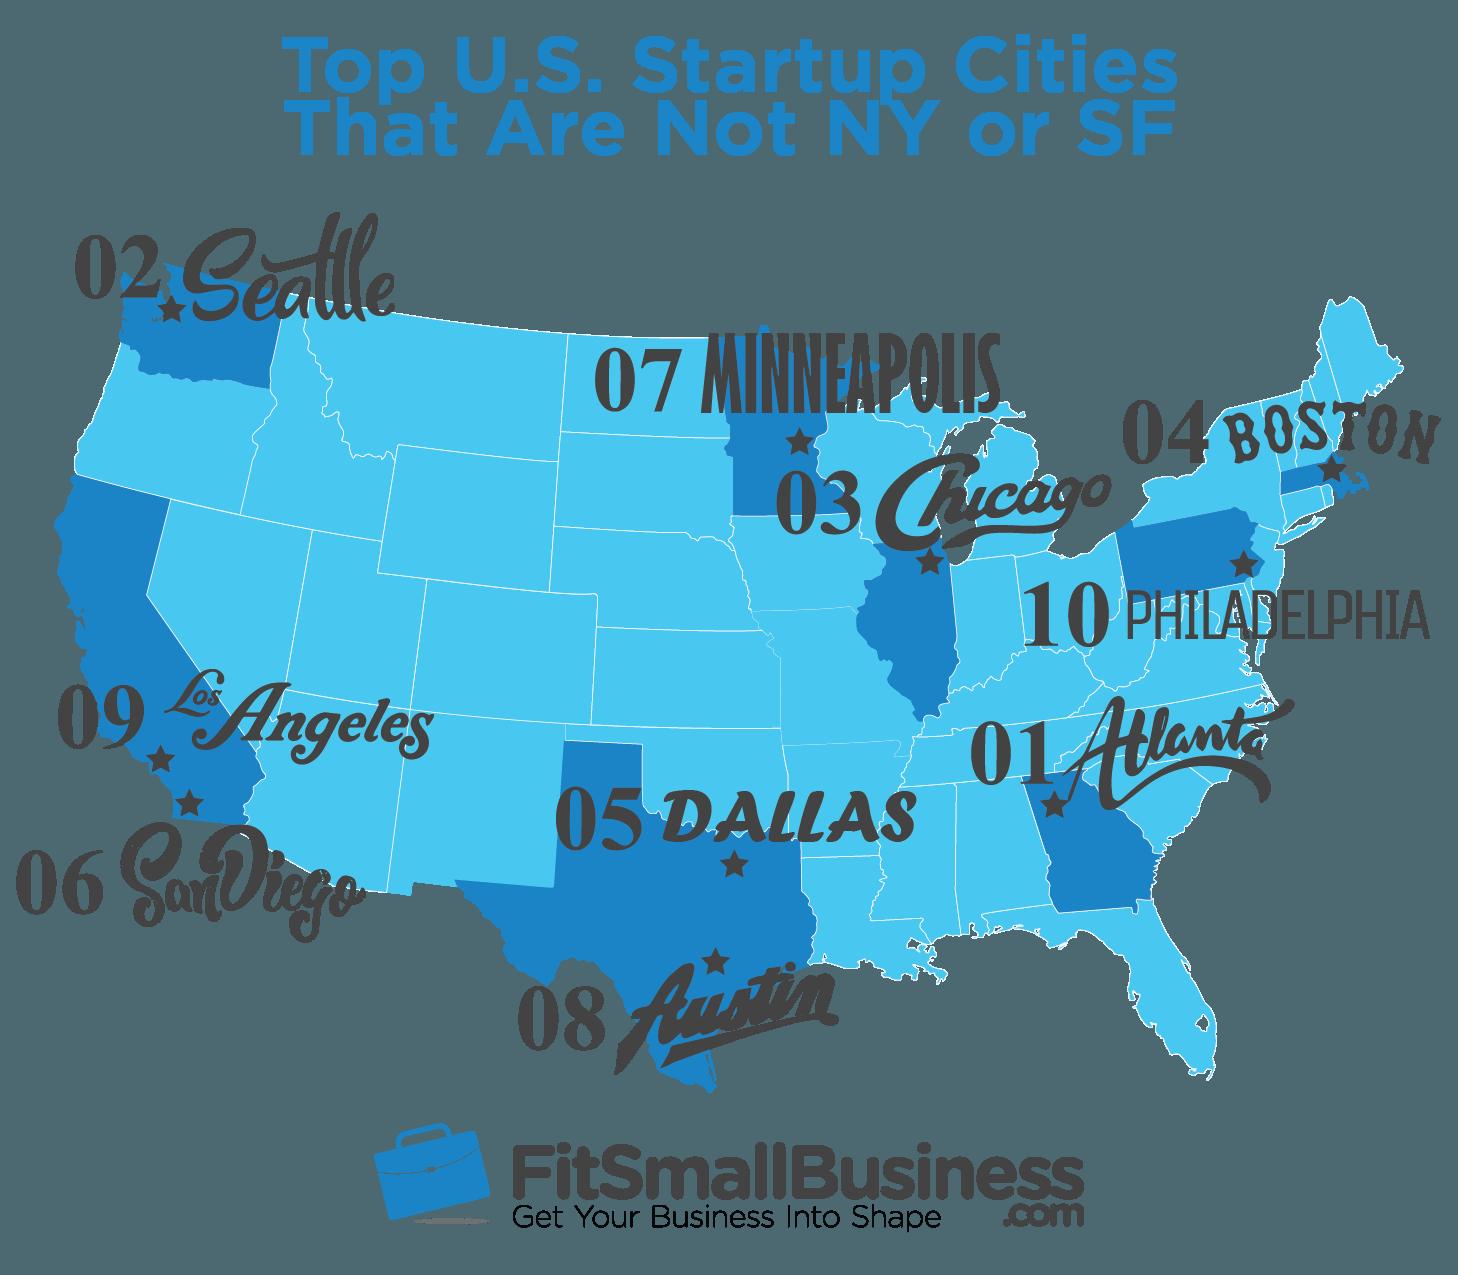 find startup jobs